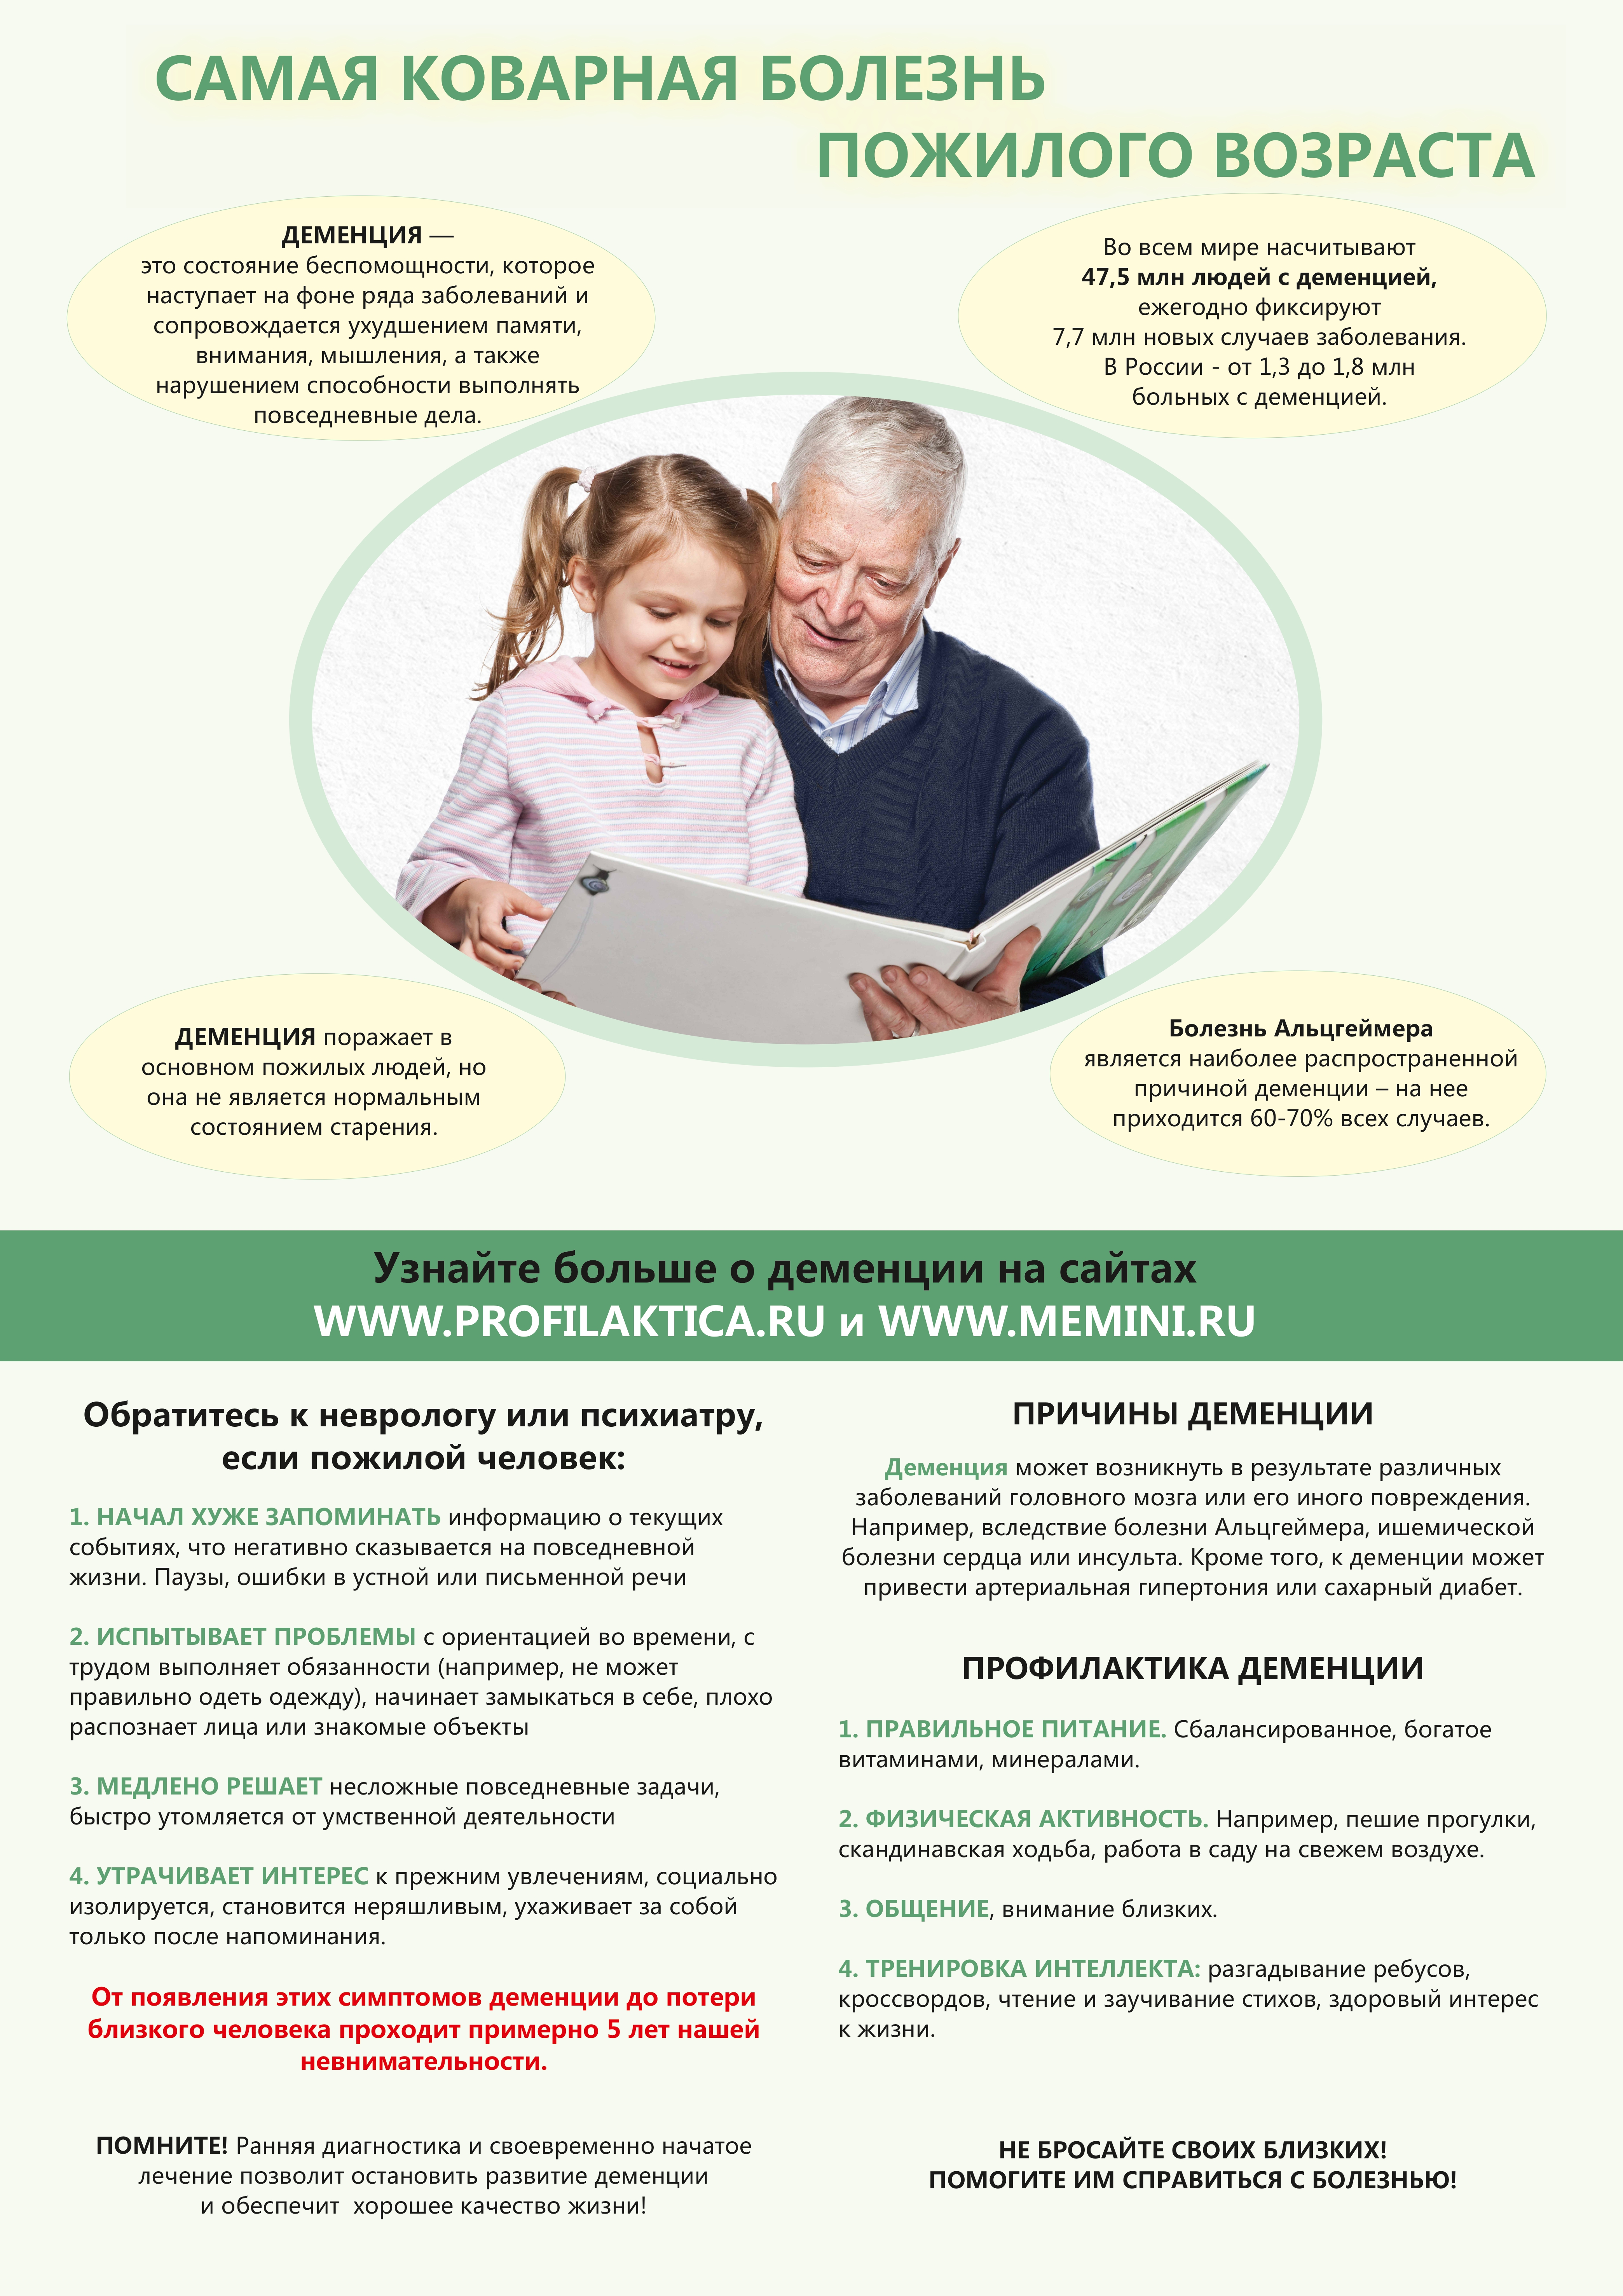 Деменция - самая коварная болезнь пожилого возраста_page-0001